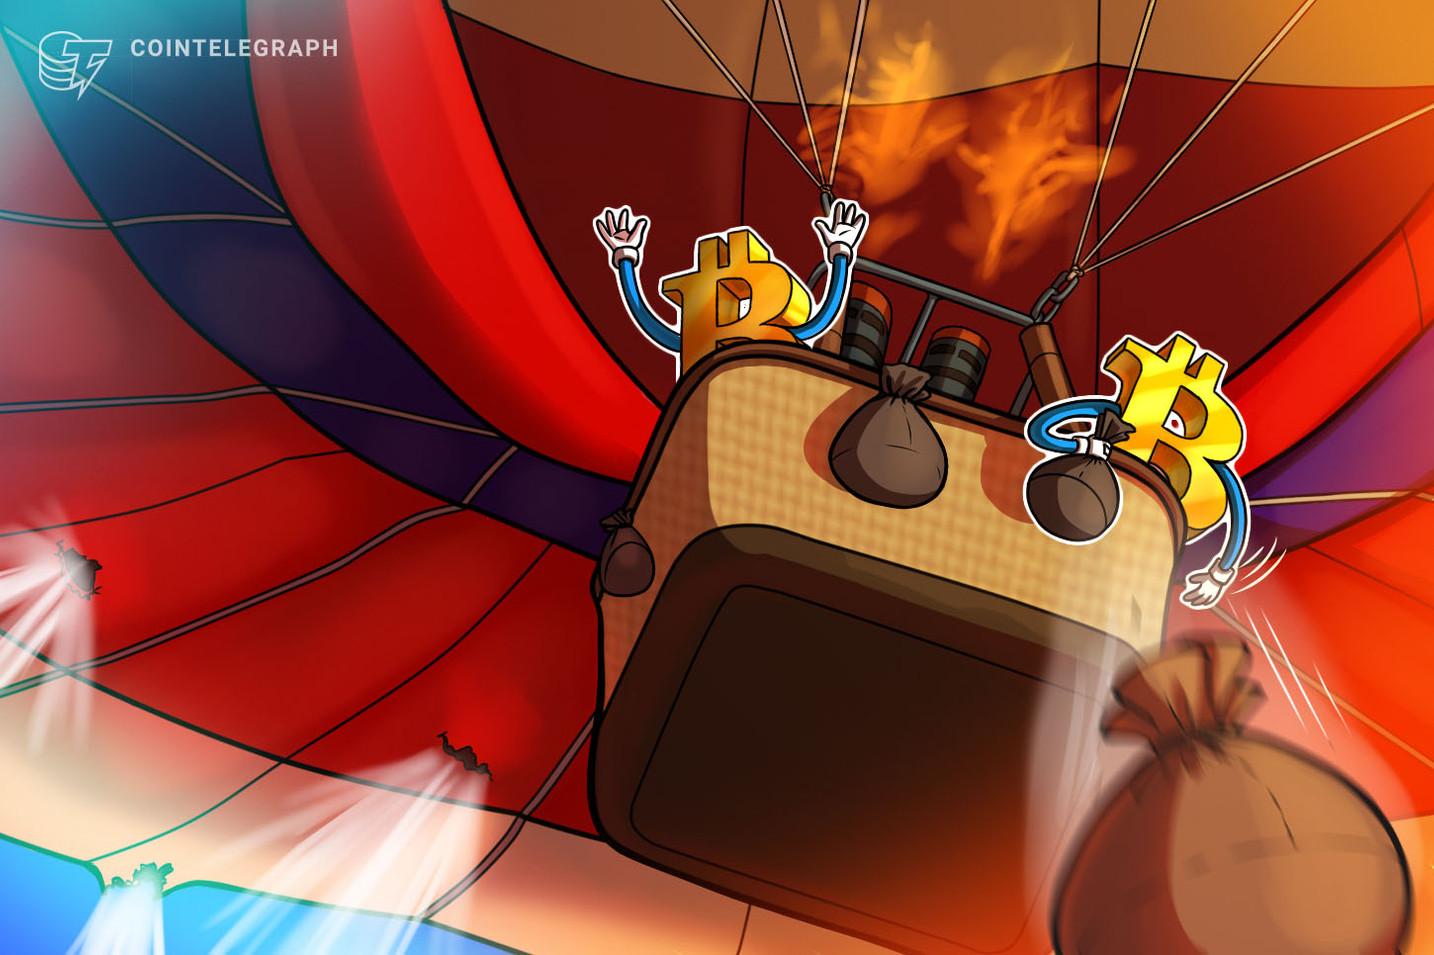 Giá Bitcoin giảm xuống mức 'hỗ trợ cuối cùng' khi nhà giao dịch cảnh báo về mục tiêu giá $ 24K BTC